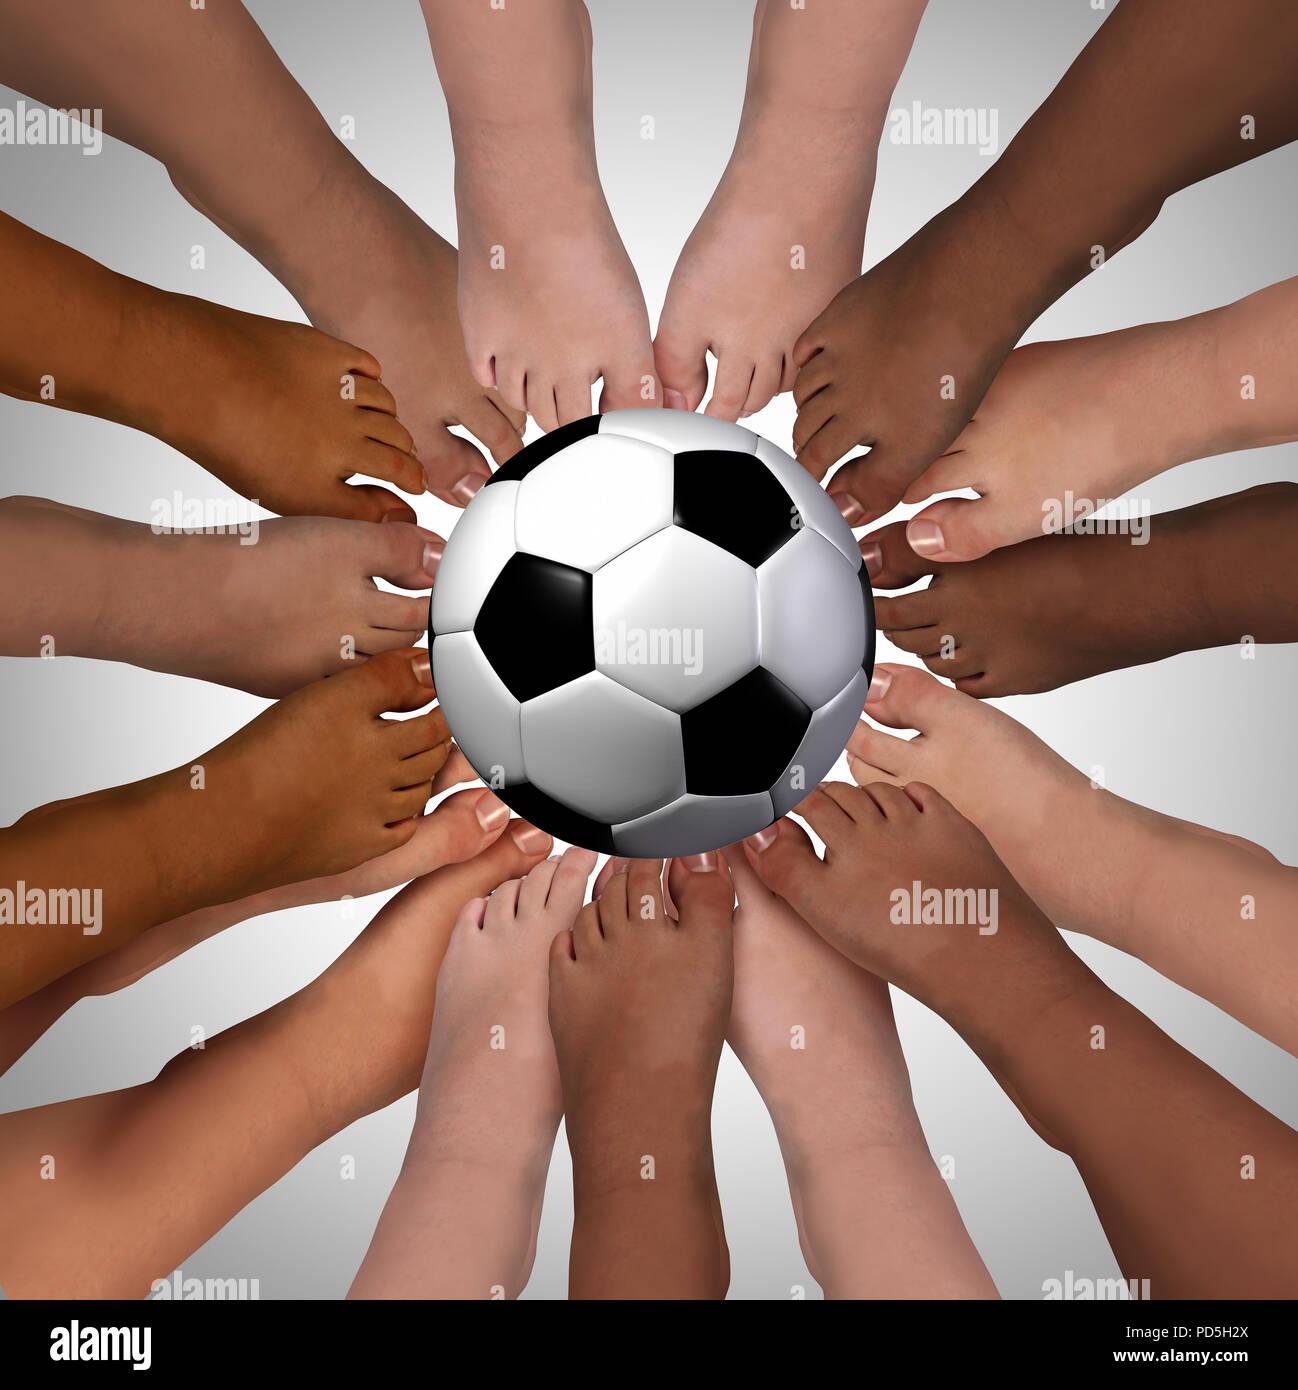 La diversidad deporte amistad juntos jugando una actividad en equipo con 3D Render elementos. Imagen De Stock